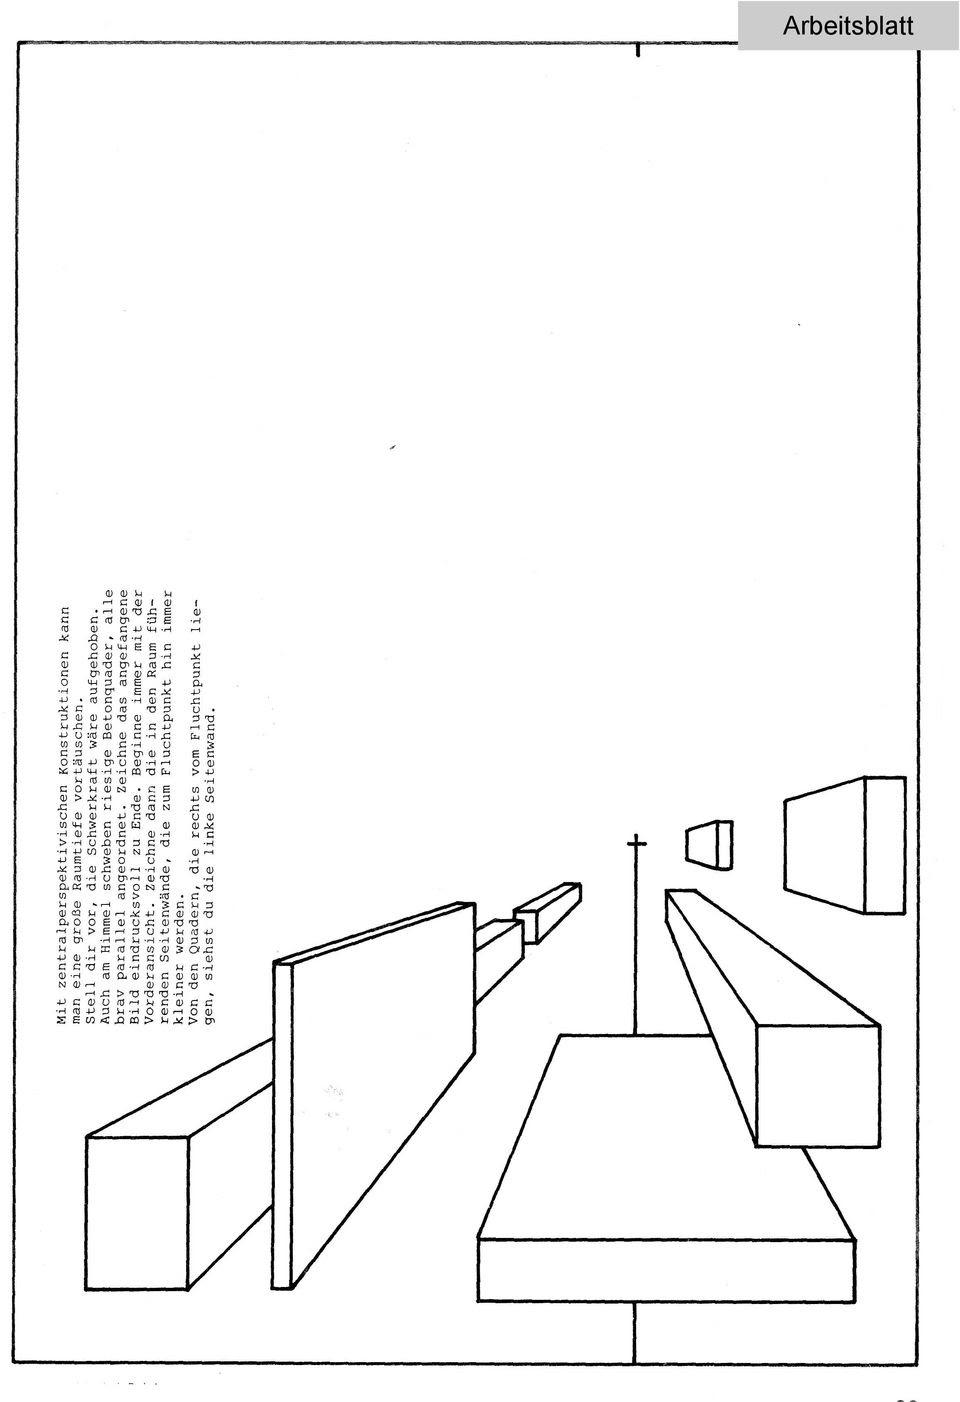 Fenster Zeichnen Mit Fluchtpunkt